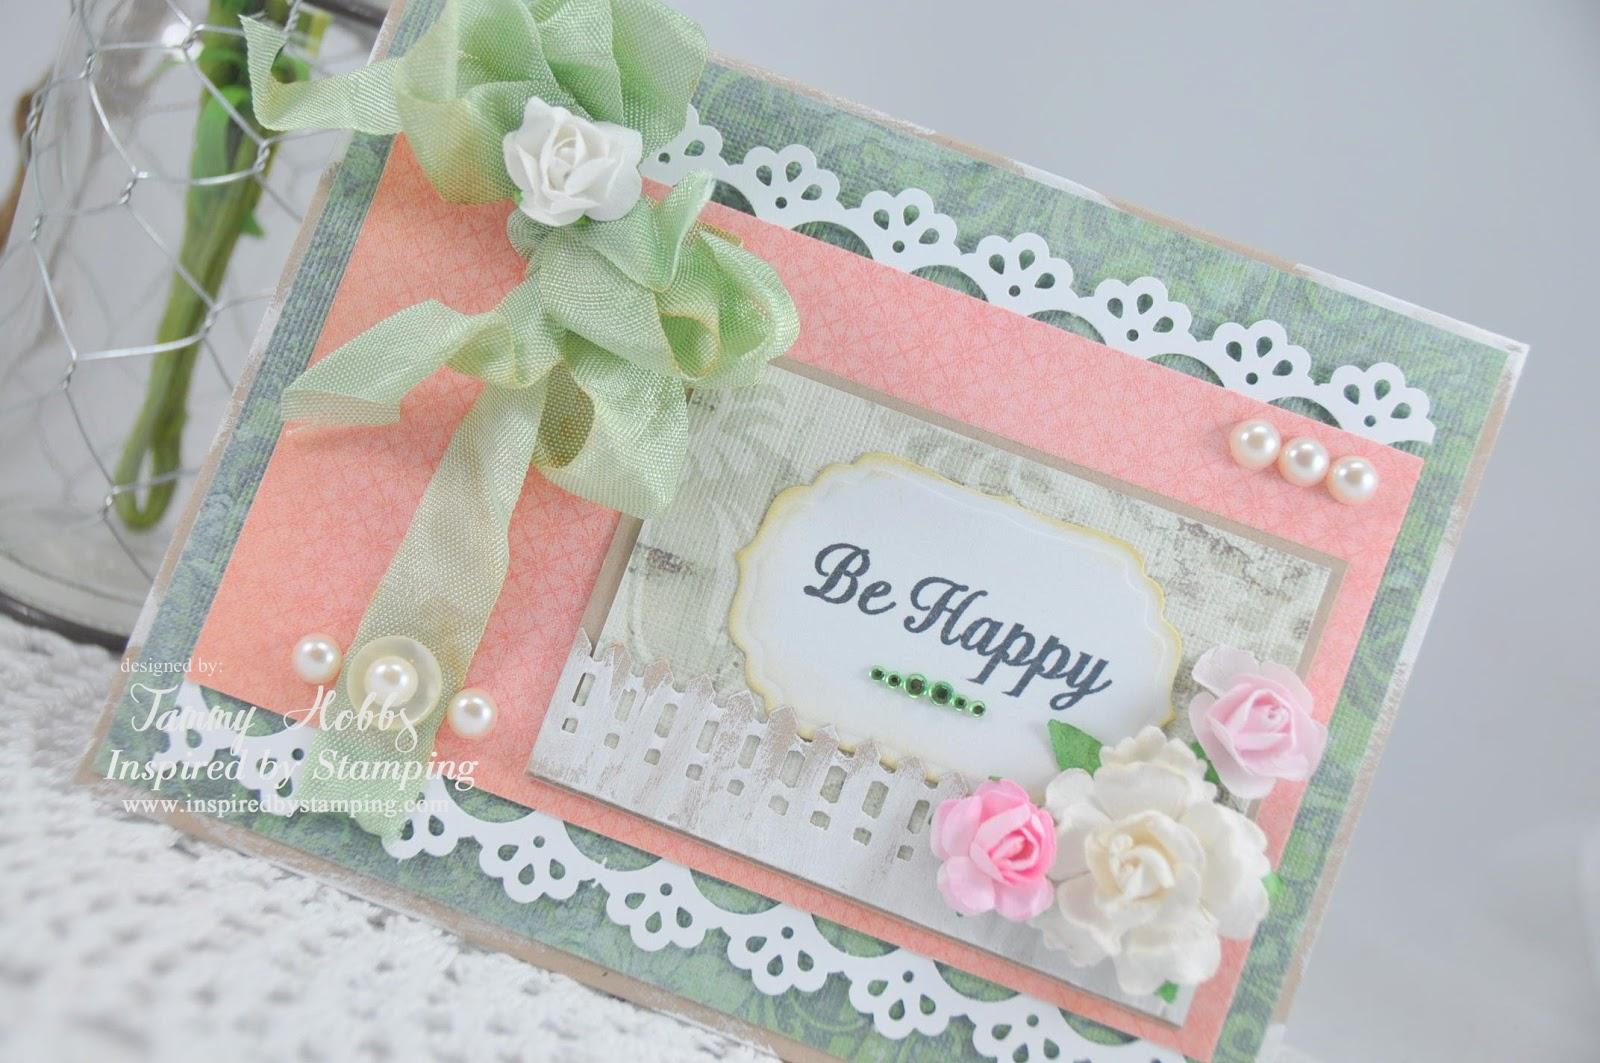 http://4.bp.blogspot.com/-ButZ91Fvstk/T7u_LyatASI/AAAAAAAAB9I/vYAHlj_IZqI/s1600/IBSIC10angwm.JPG